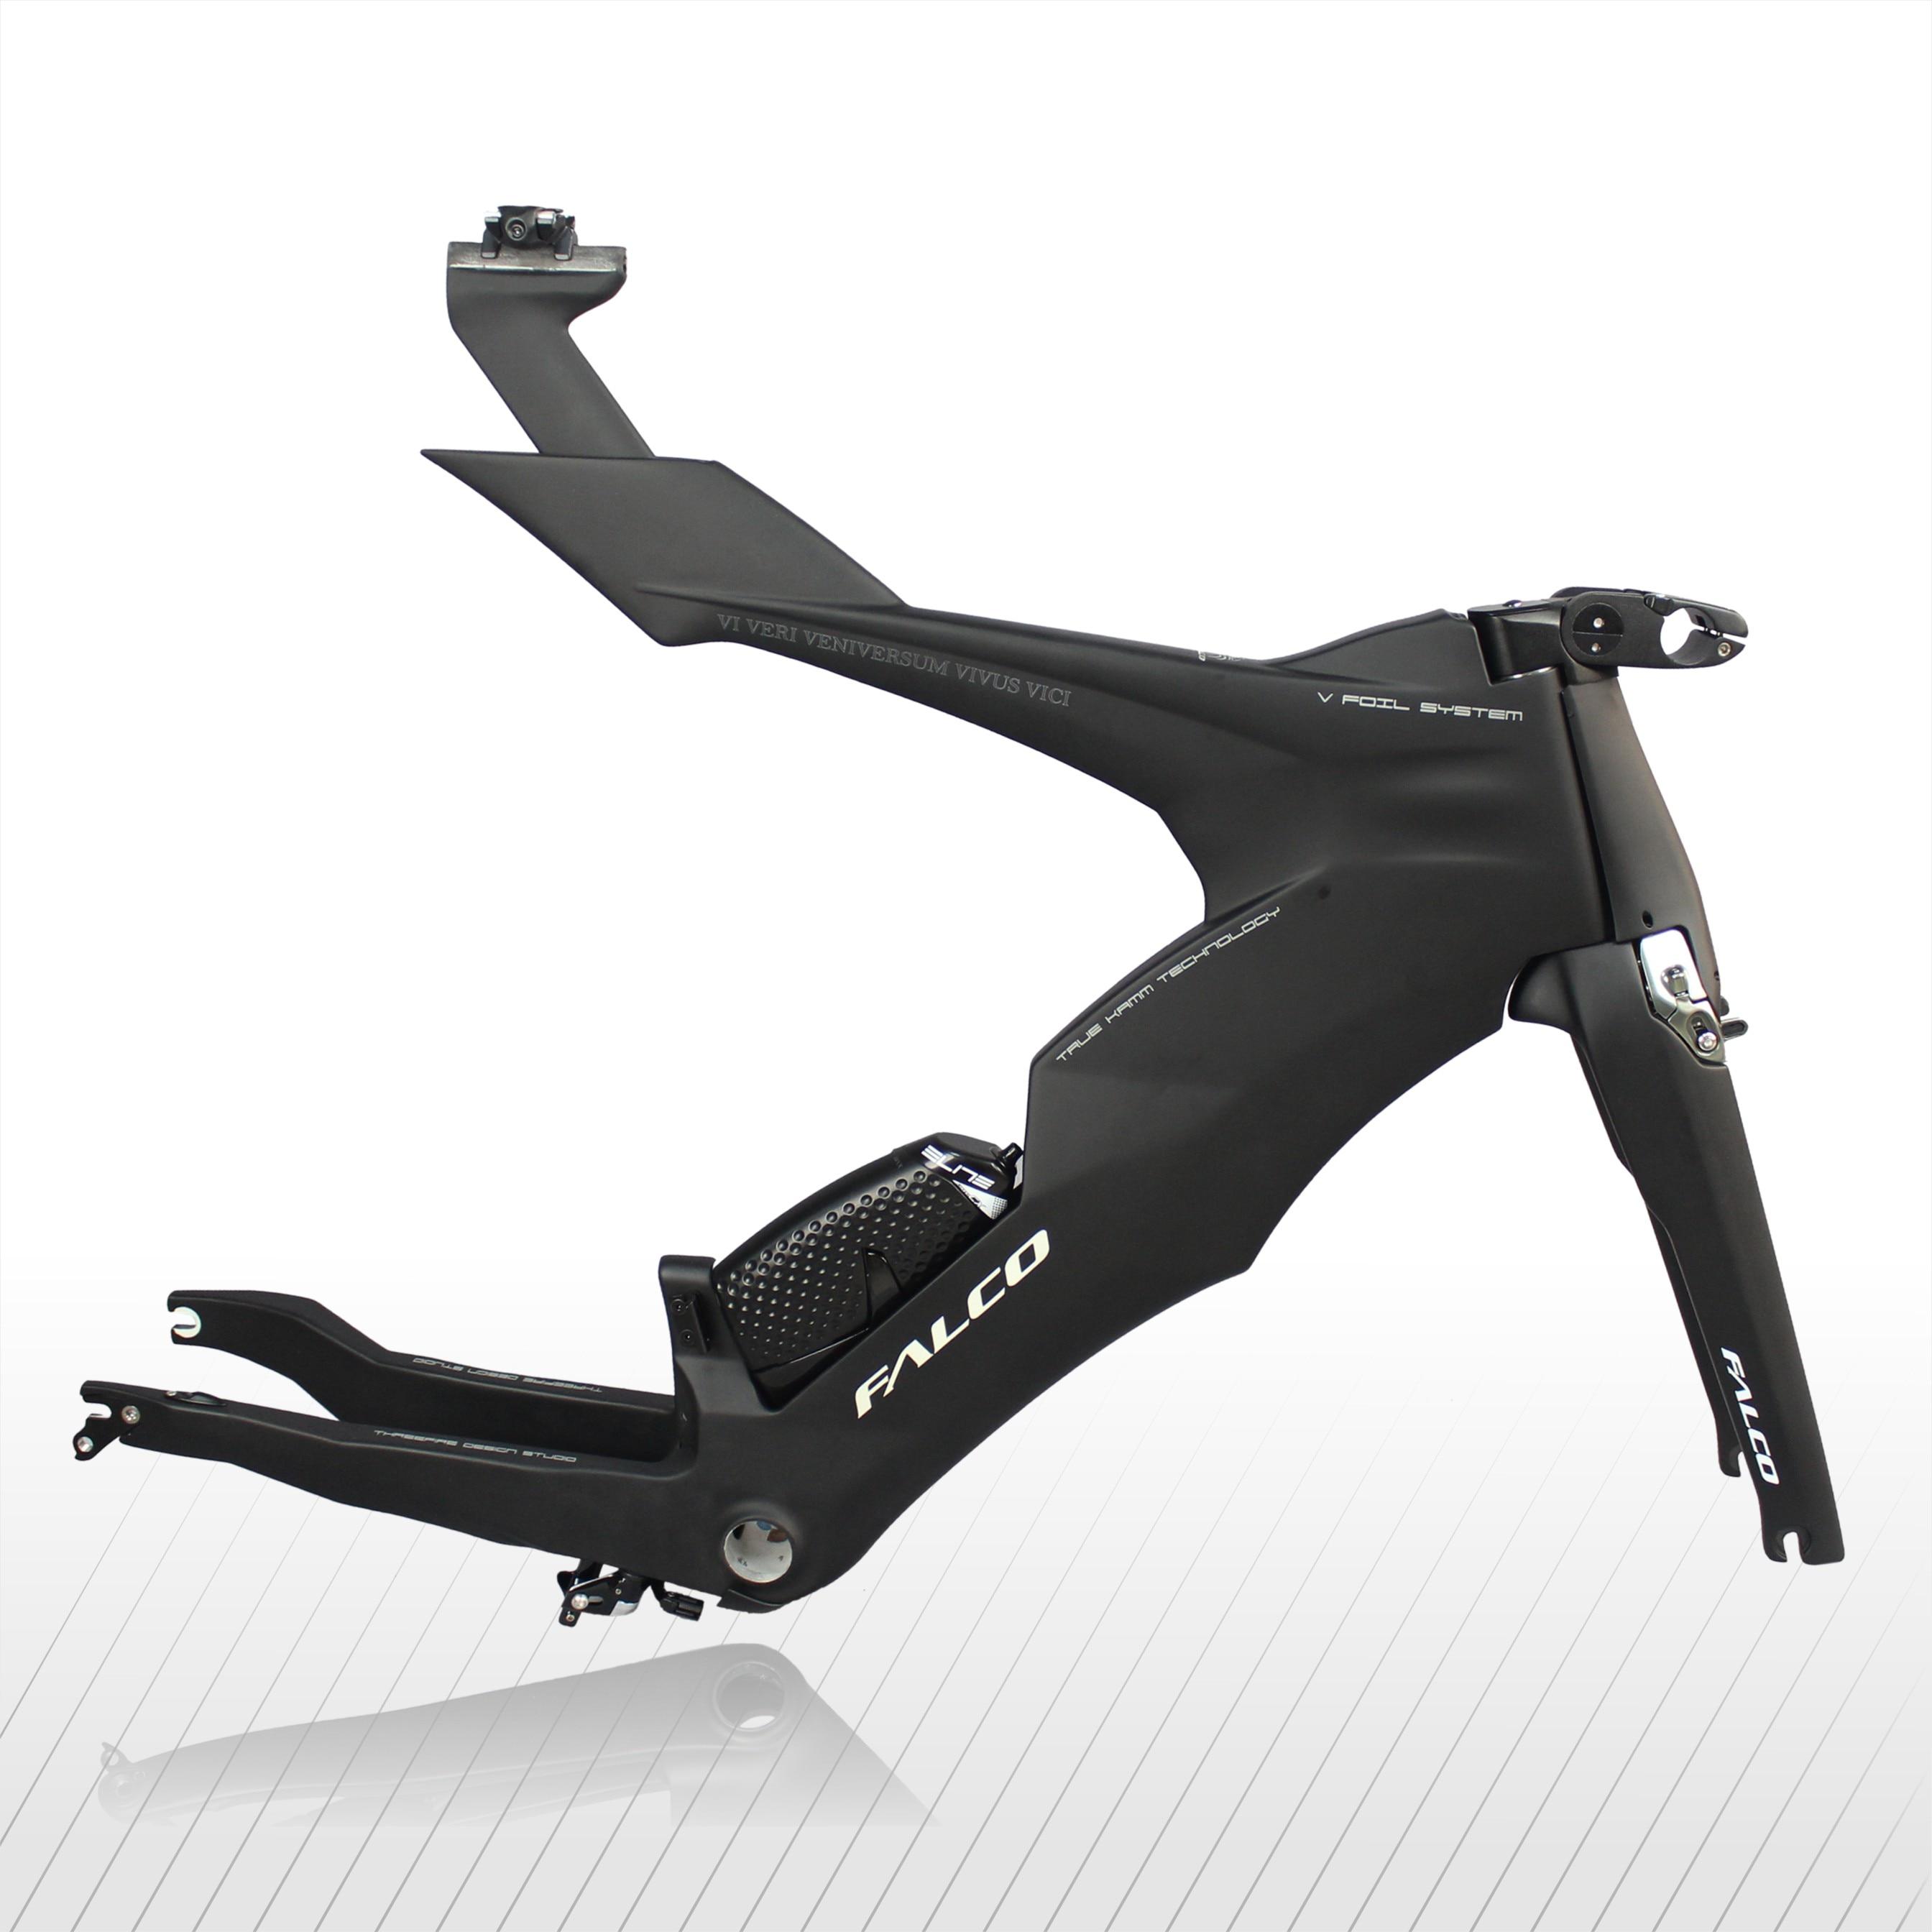 FALCO V-Bike TT Carbon Frame Triathlon Bikes Carbon Trial Time Frameset New TRP Brakes And New Fork